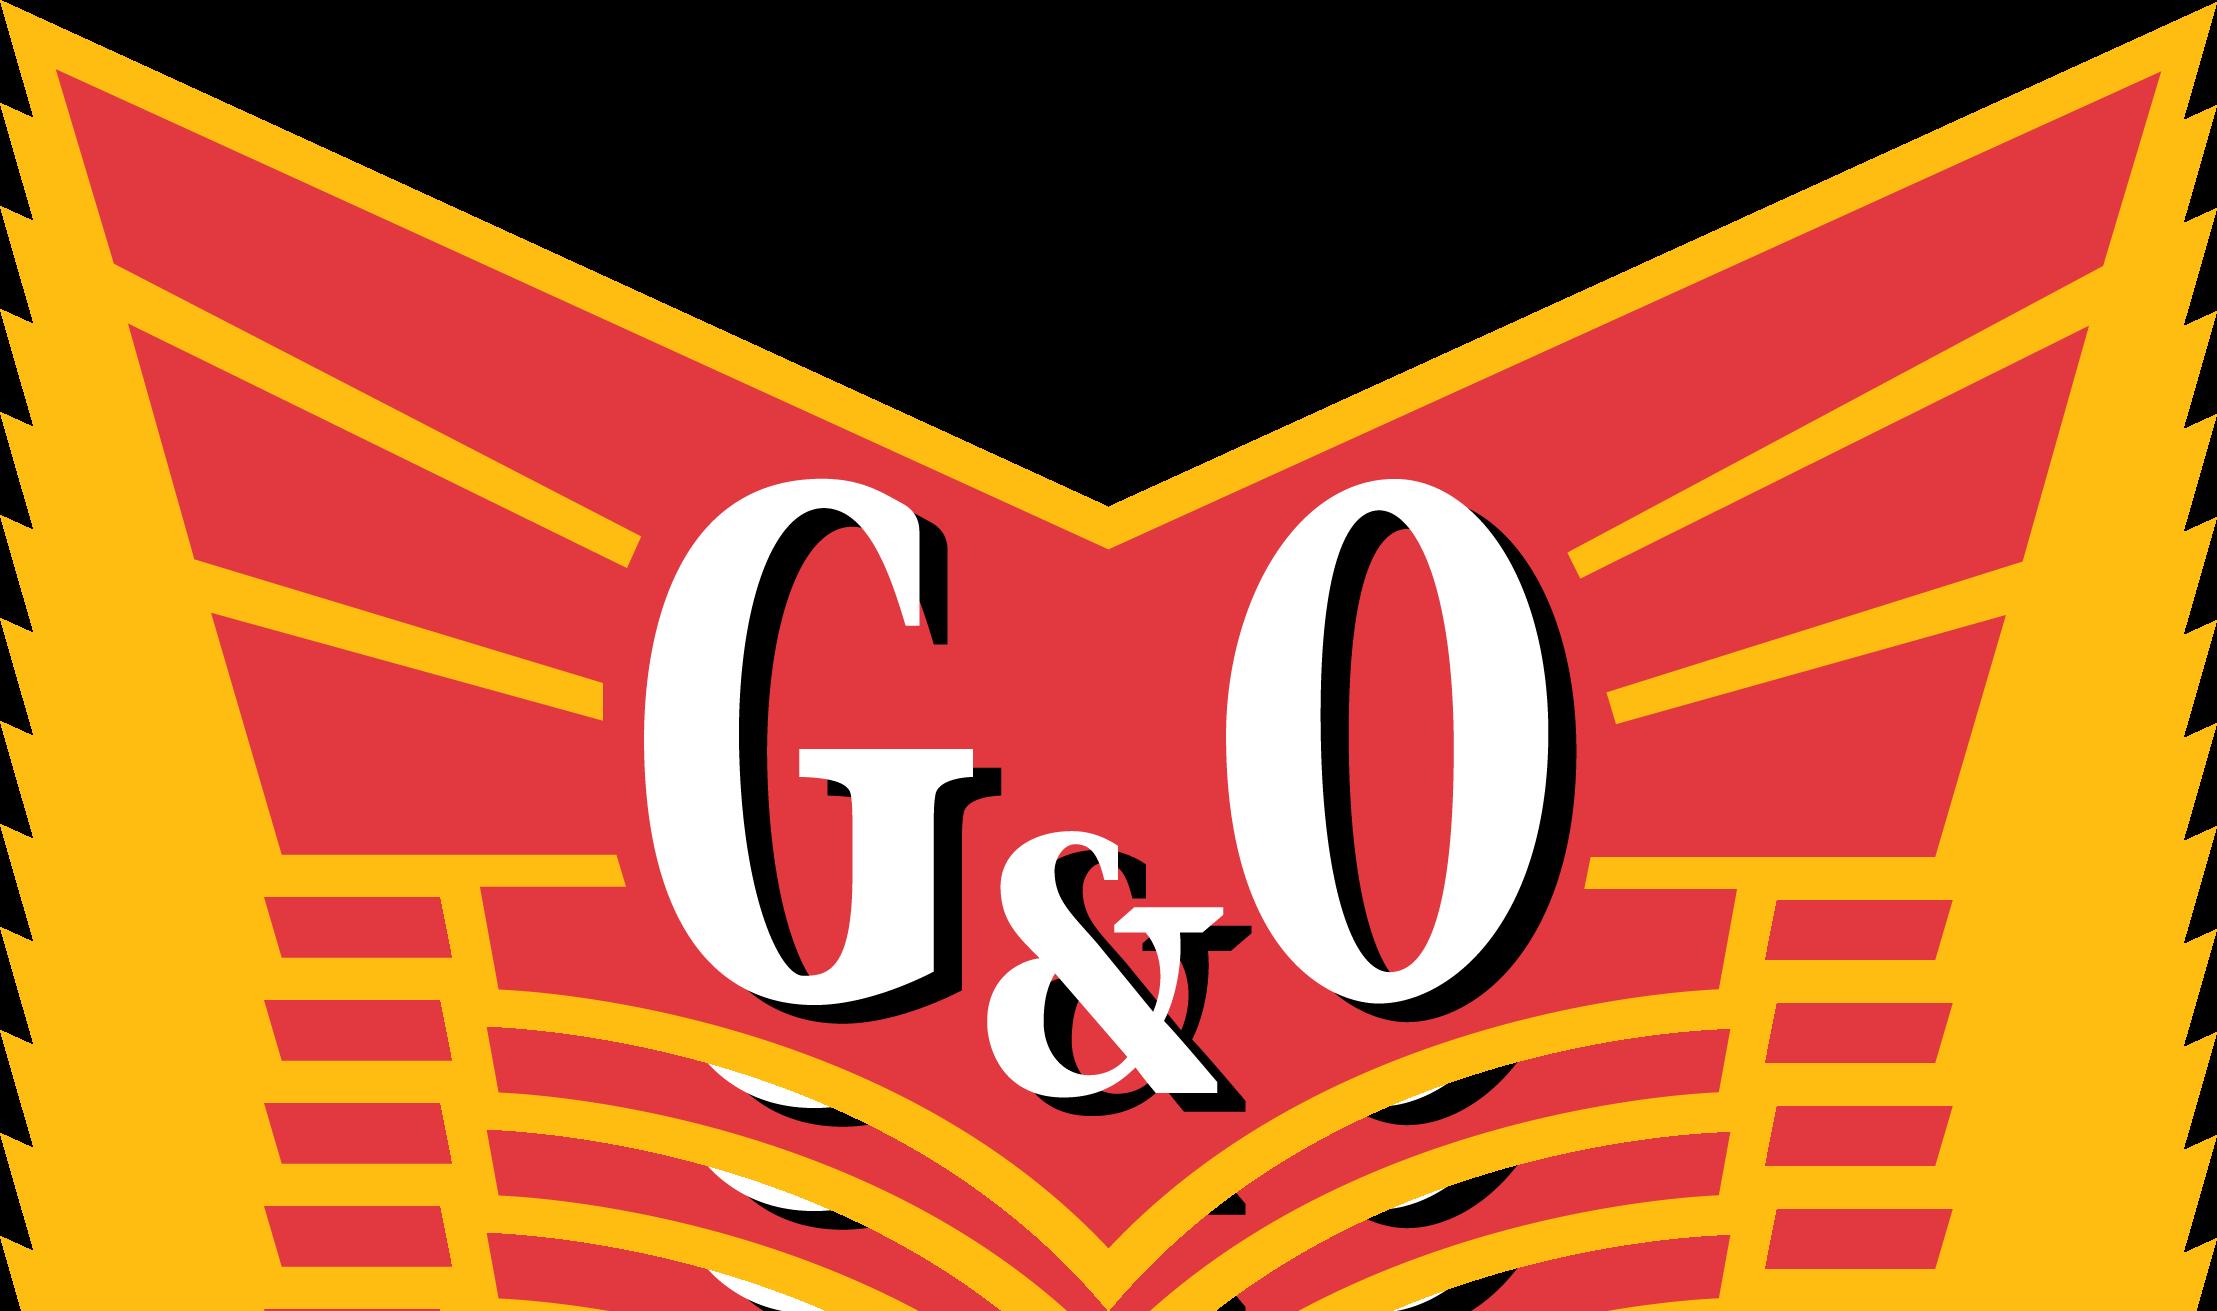 GulfOhioLogo.png